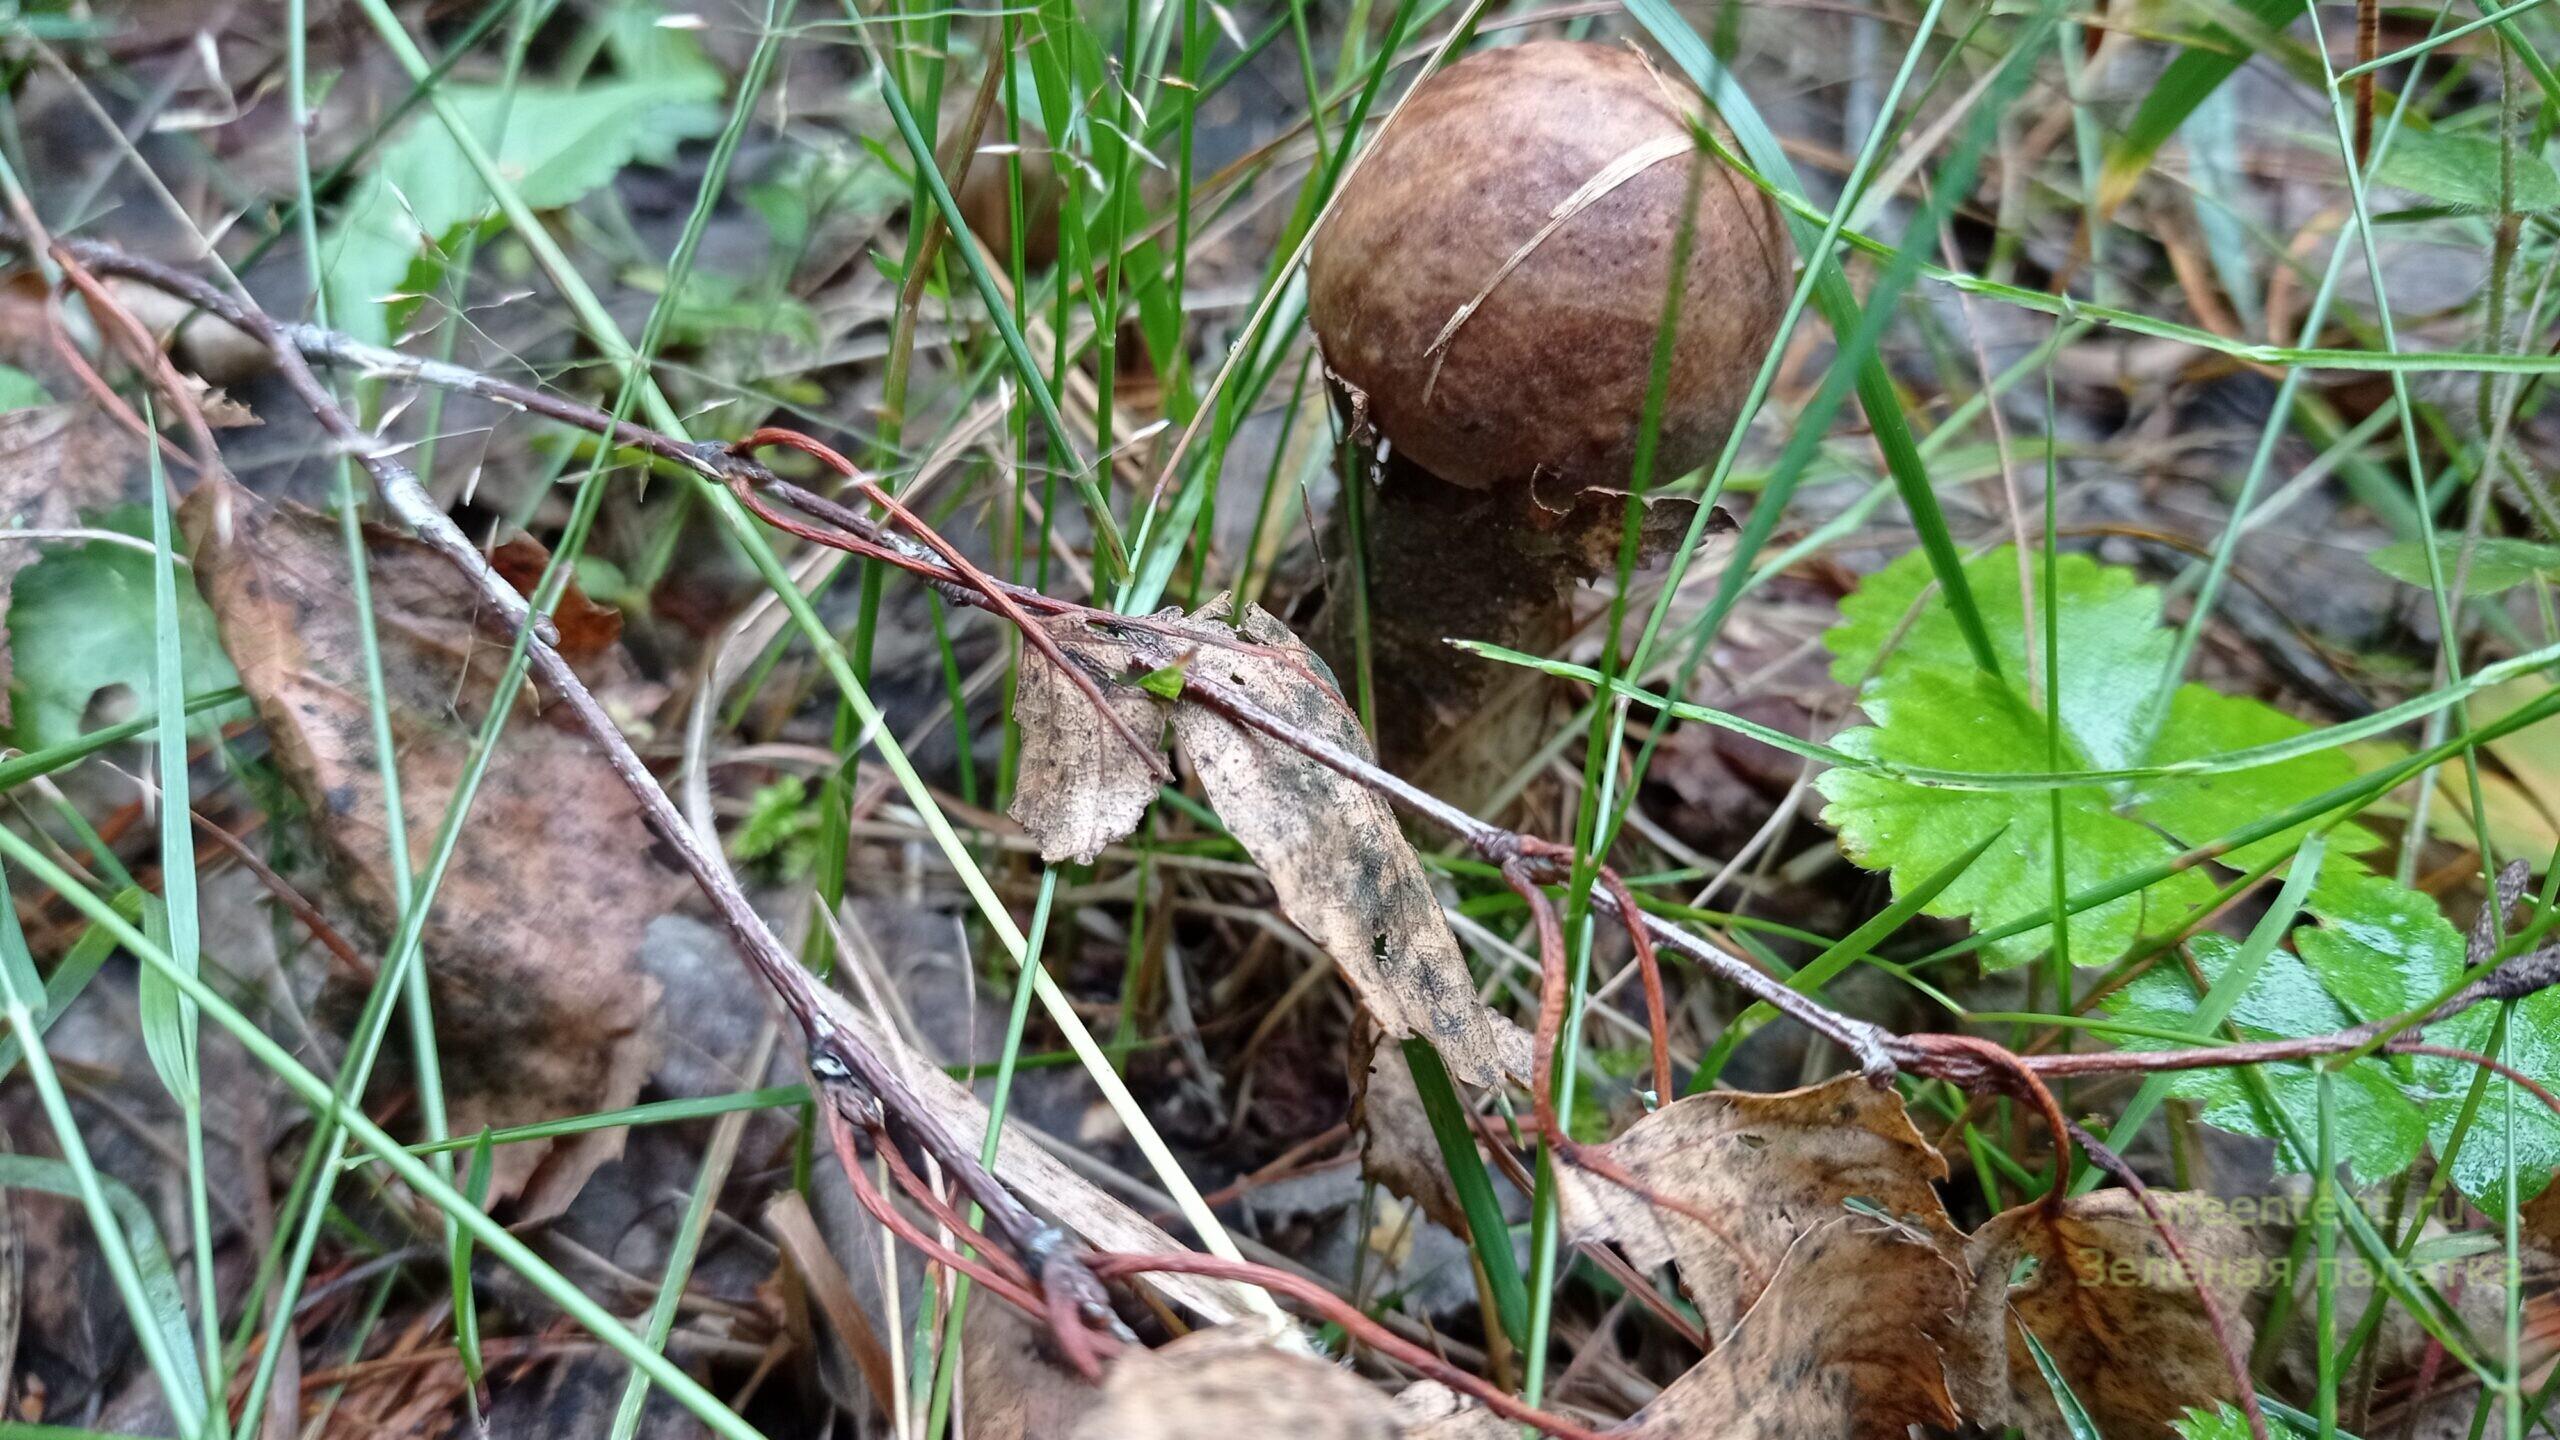 собирать грибы тихая охота лес природа отдых